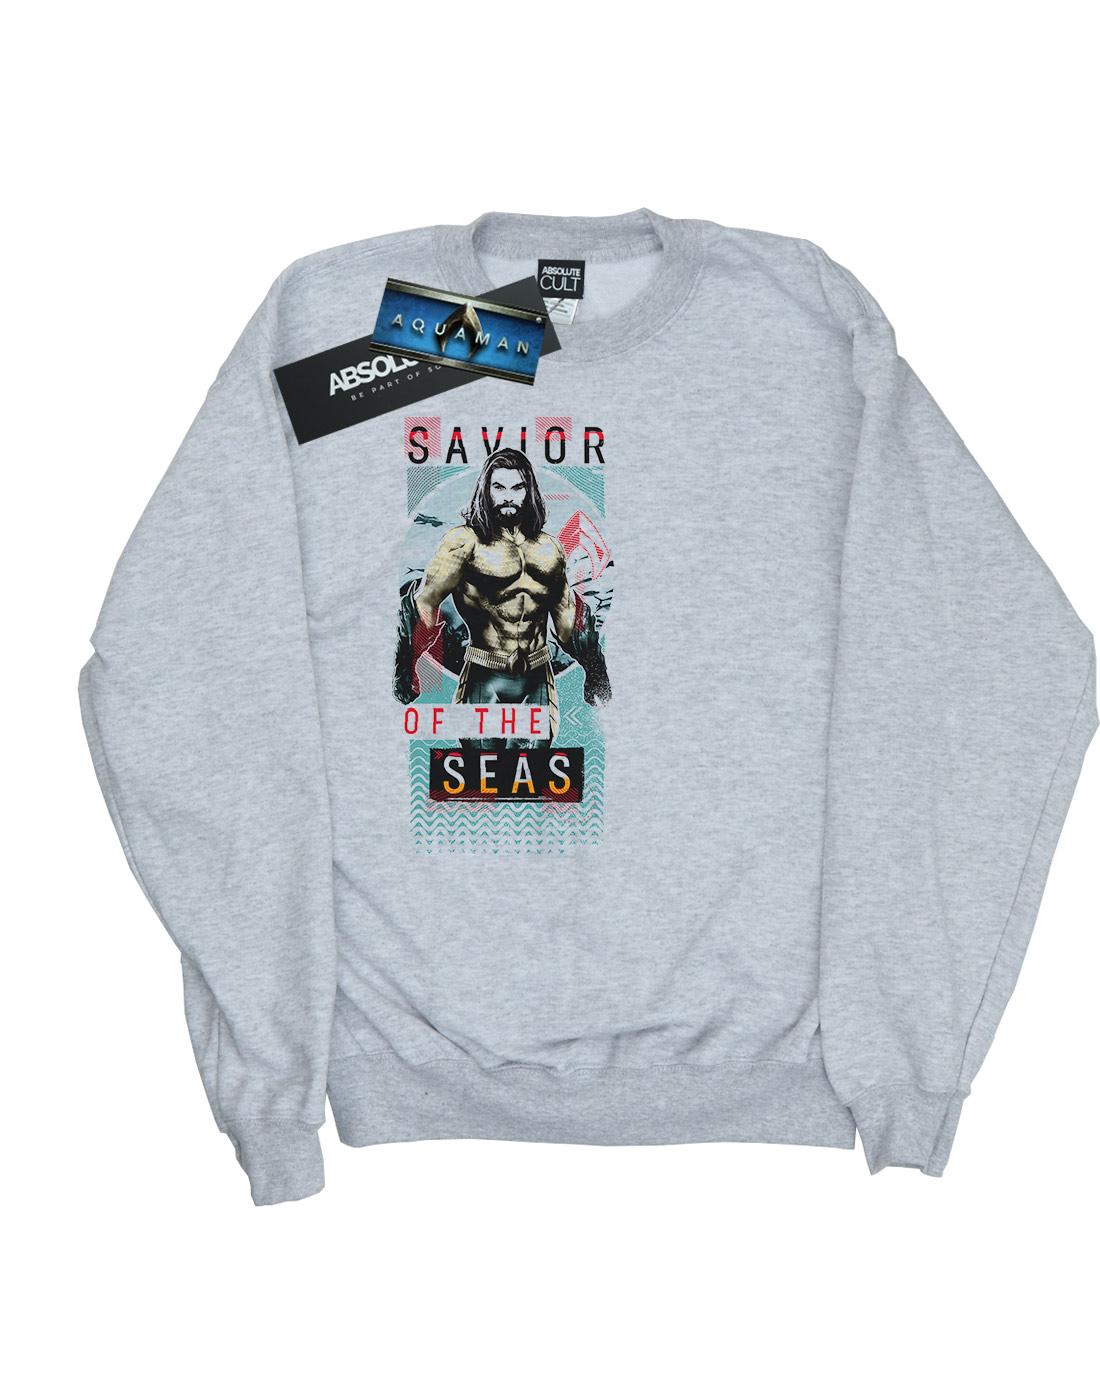 DC Comics Damen Aquaman Saviour of the Seas Seas Seas Sweatshirt | Sofortige Lieferung  | Fein Verarbeitet  | Grüne, neue Technologie  | München Online Shop  | Won hoch geschätzt und weithin vertraut im in- und Ausland vertraut  a995eb